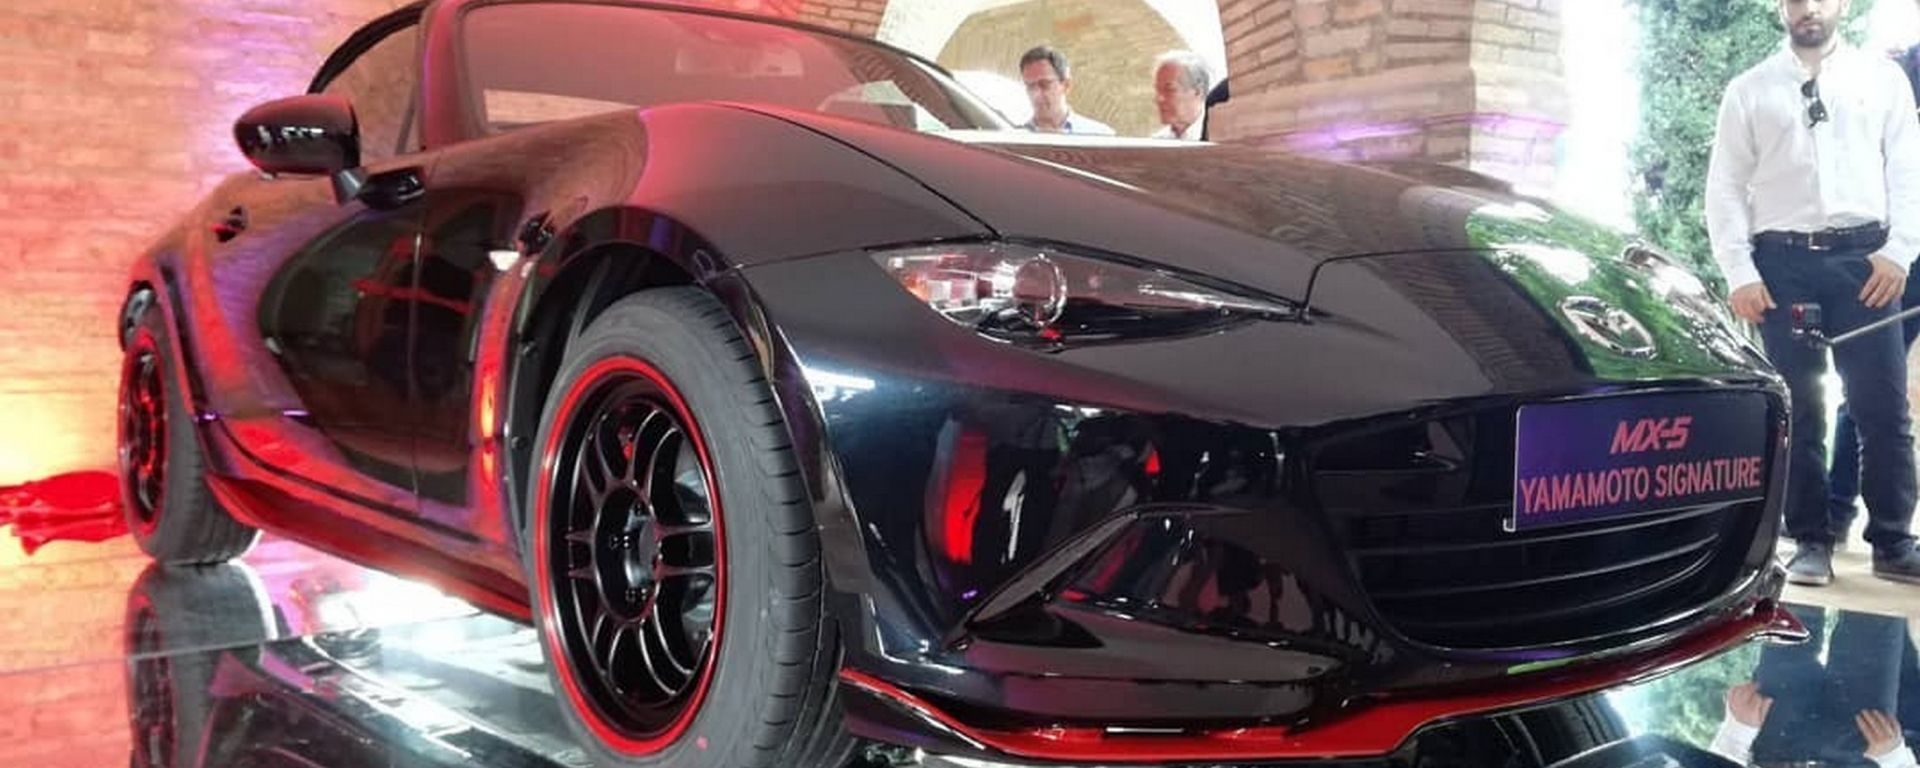 Mazda MX-5 Yamamoto Signature: design e sportività al potere